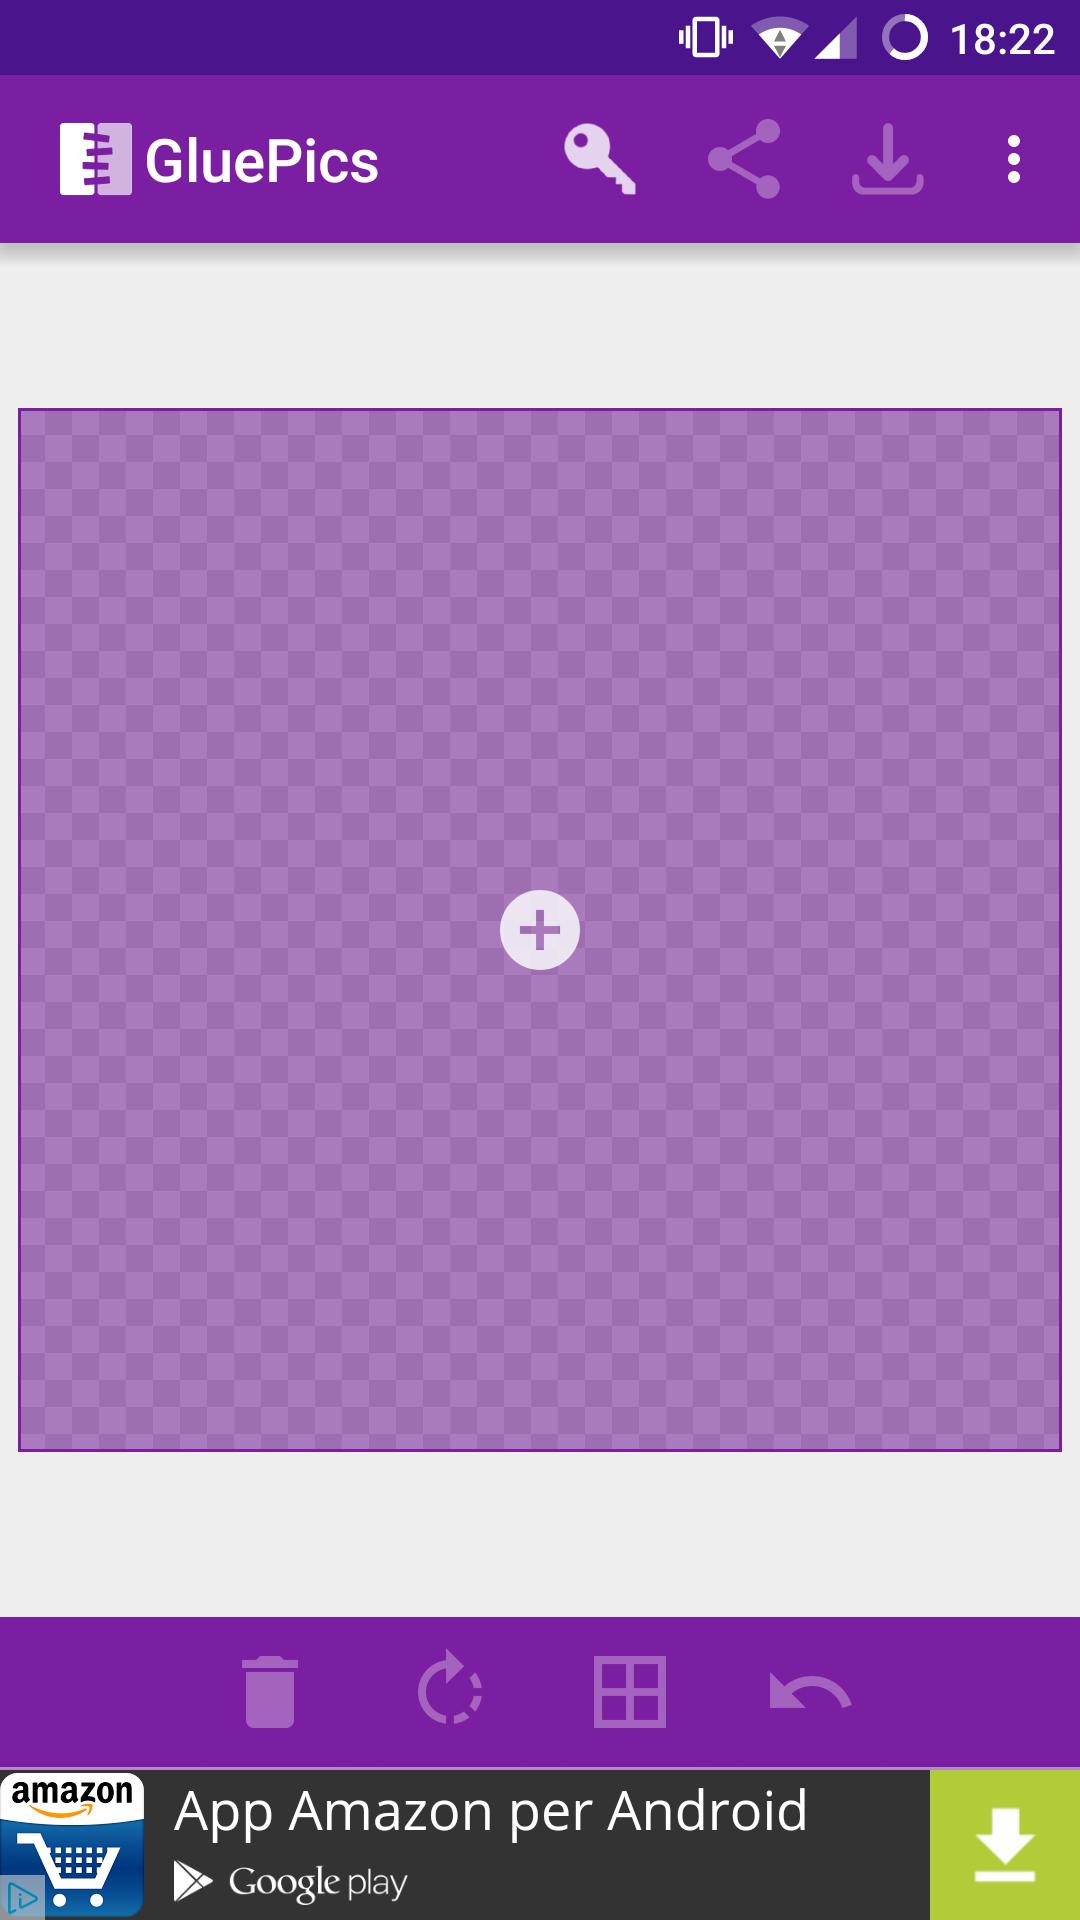 come creare dei semplici collage fotografici con gluepics